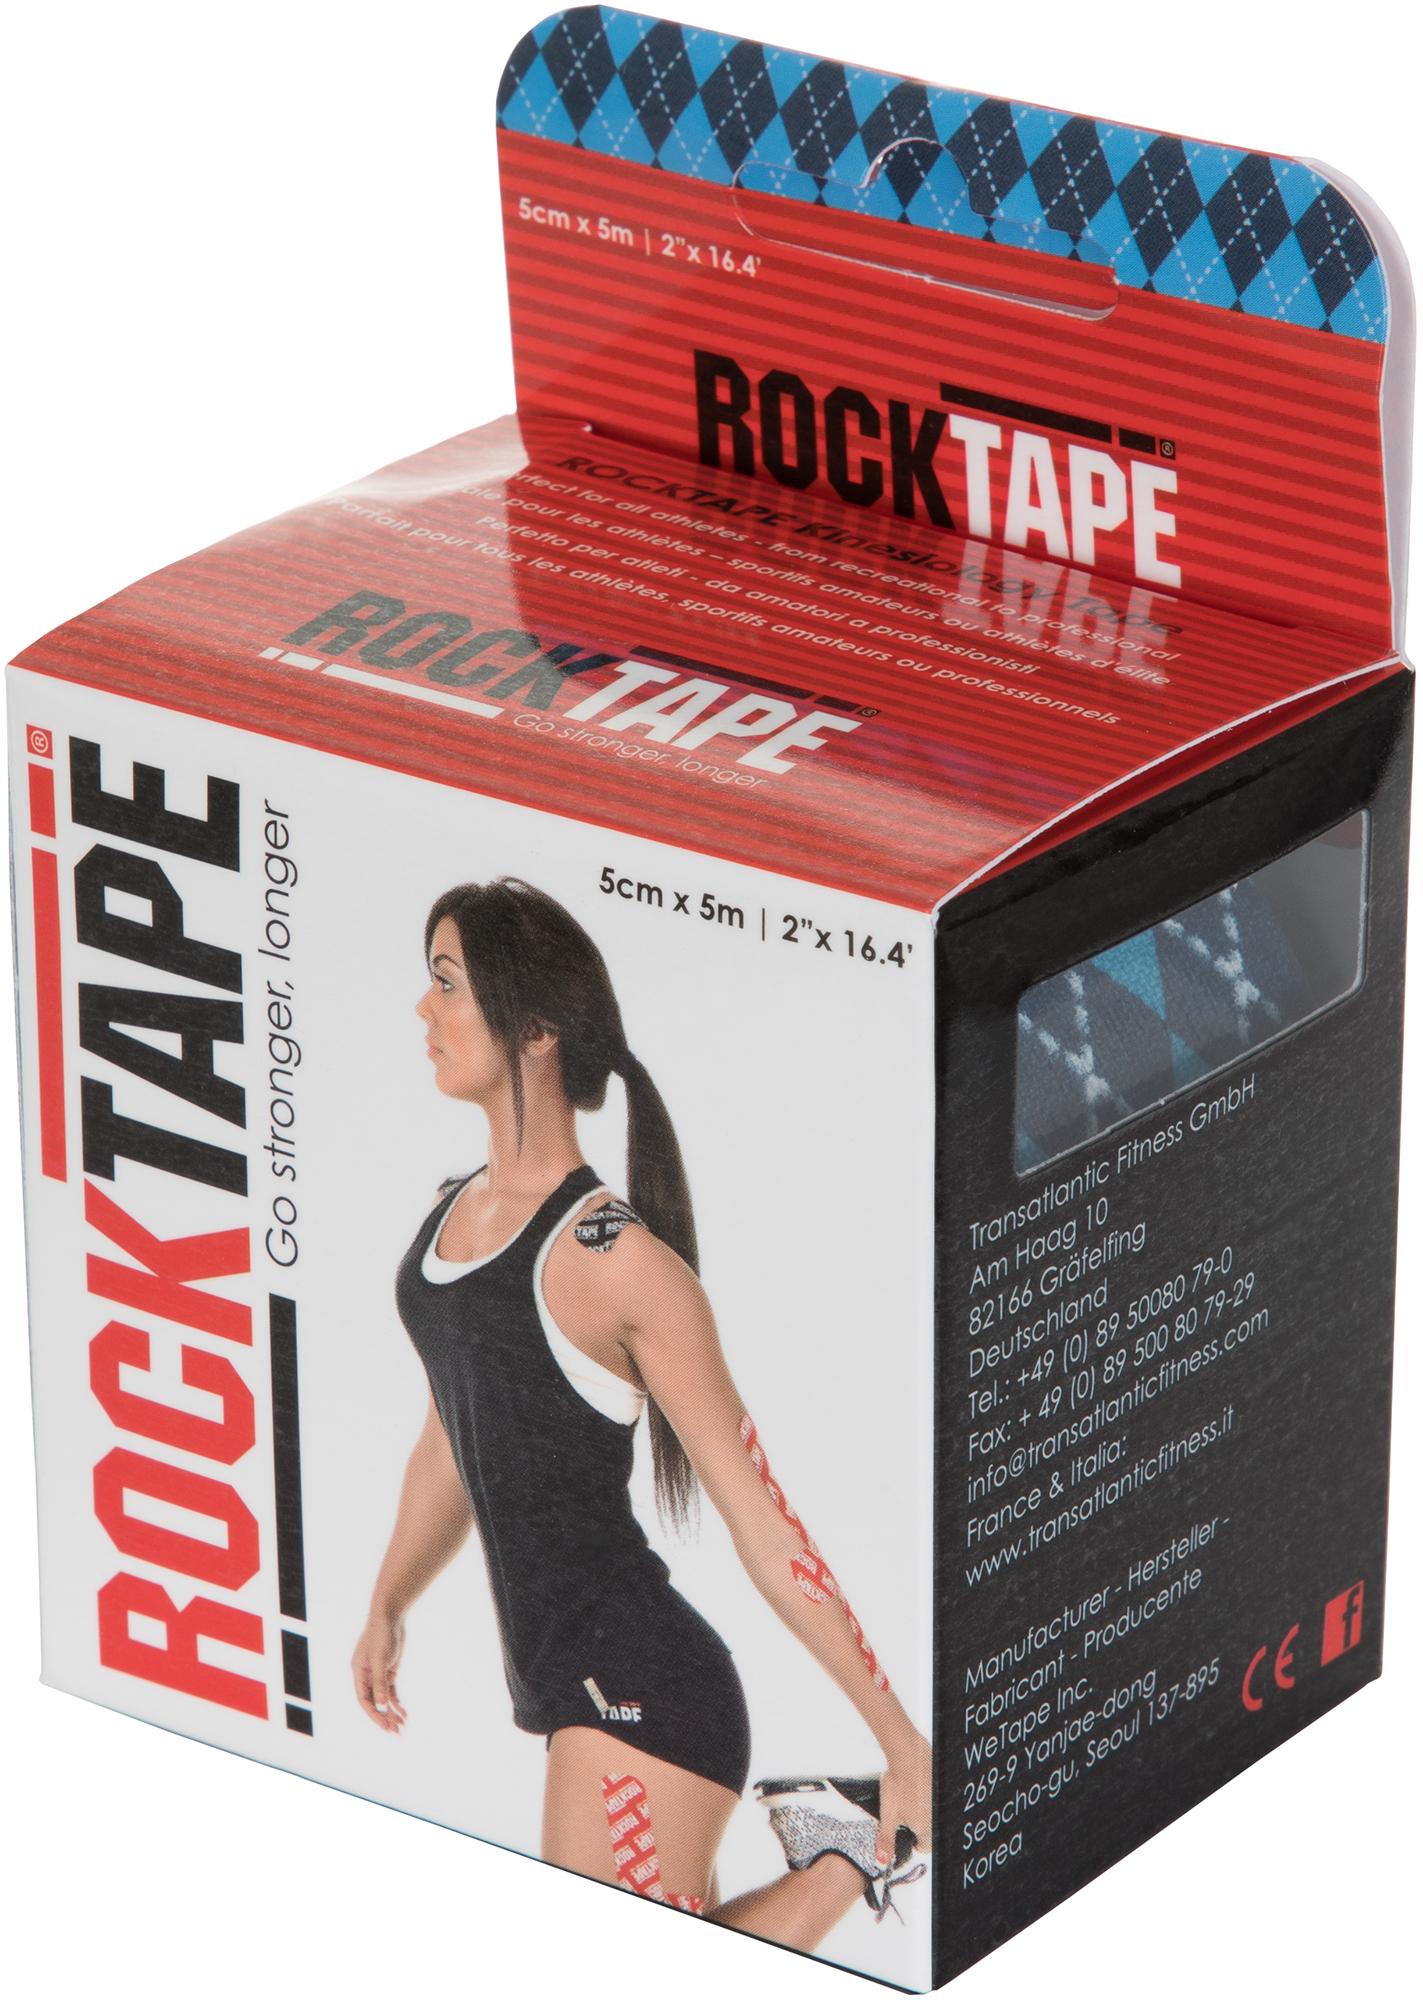 RockTape Кинезио-тейп Rocktape 5 см х 5 м, синий